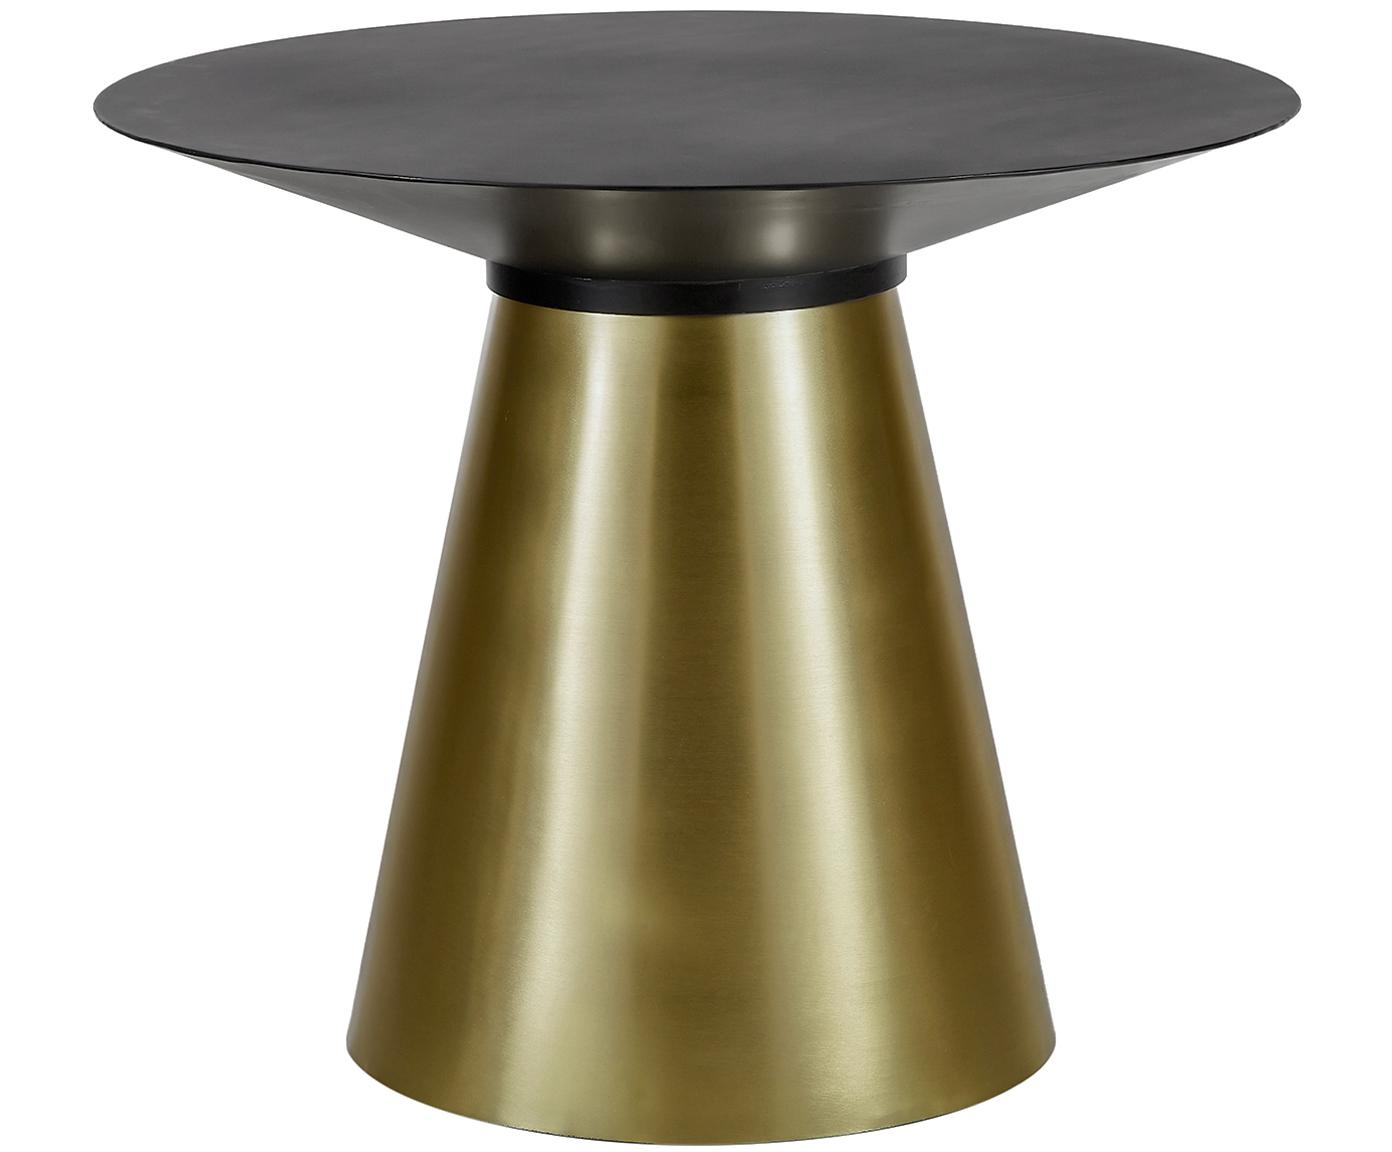 Ronde eettafel Selena met zwart tafelblad, Tafelblad: gepoedercoat metaal, Frame: gecoat metaal, Tafelblad: mat zwart. Frame: mat goudkleurig, Ø 91 x H 75 cm